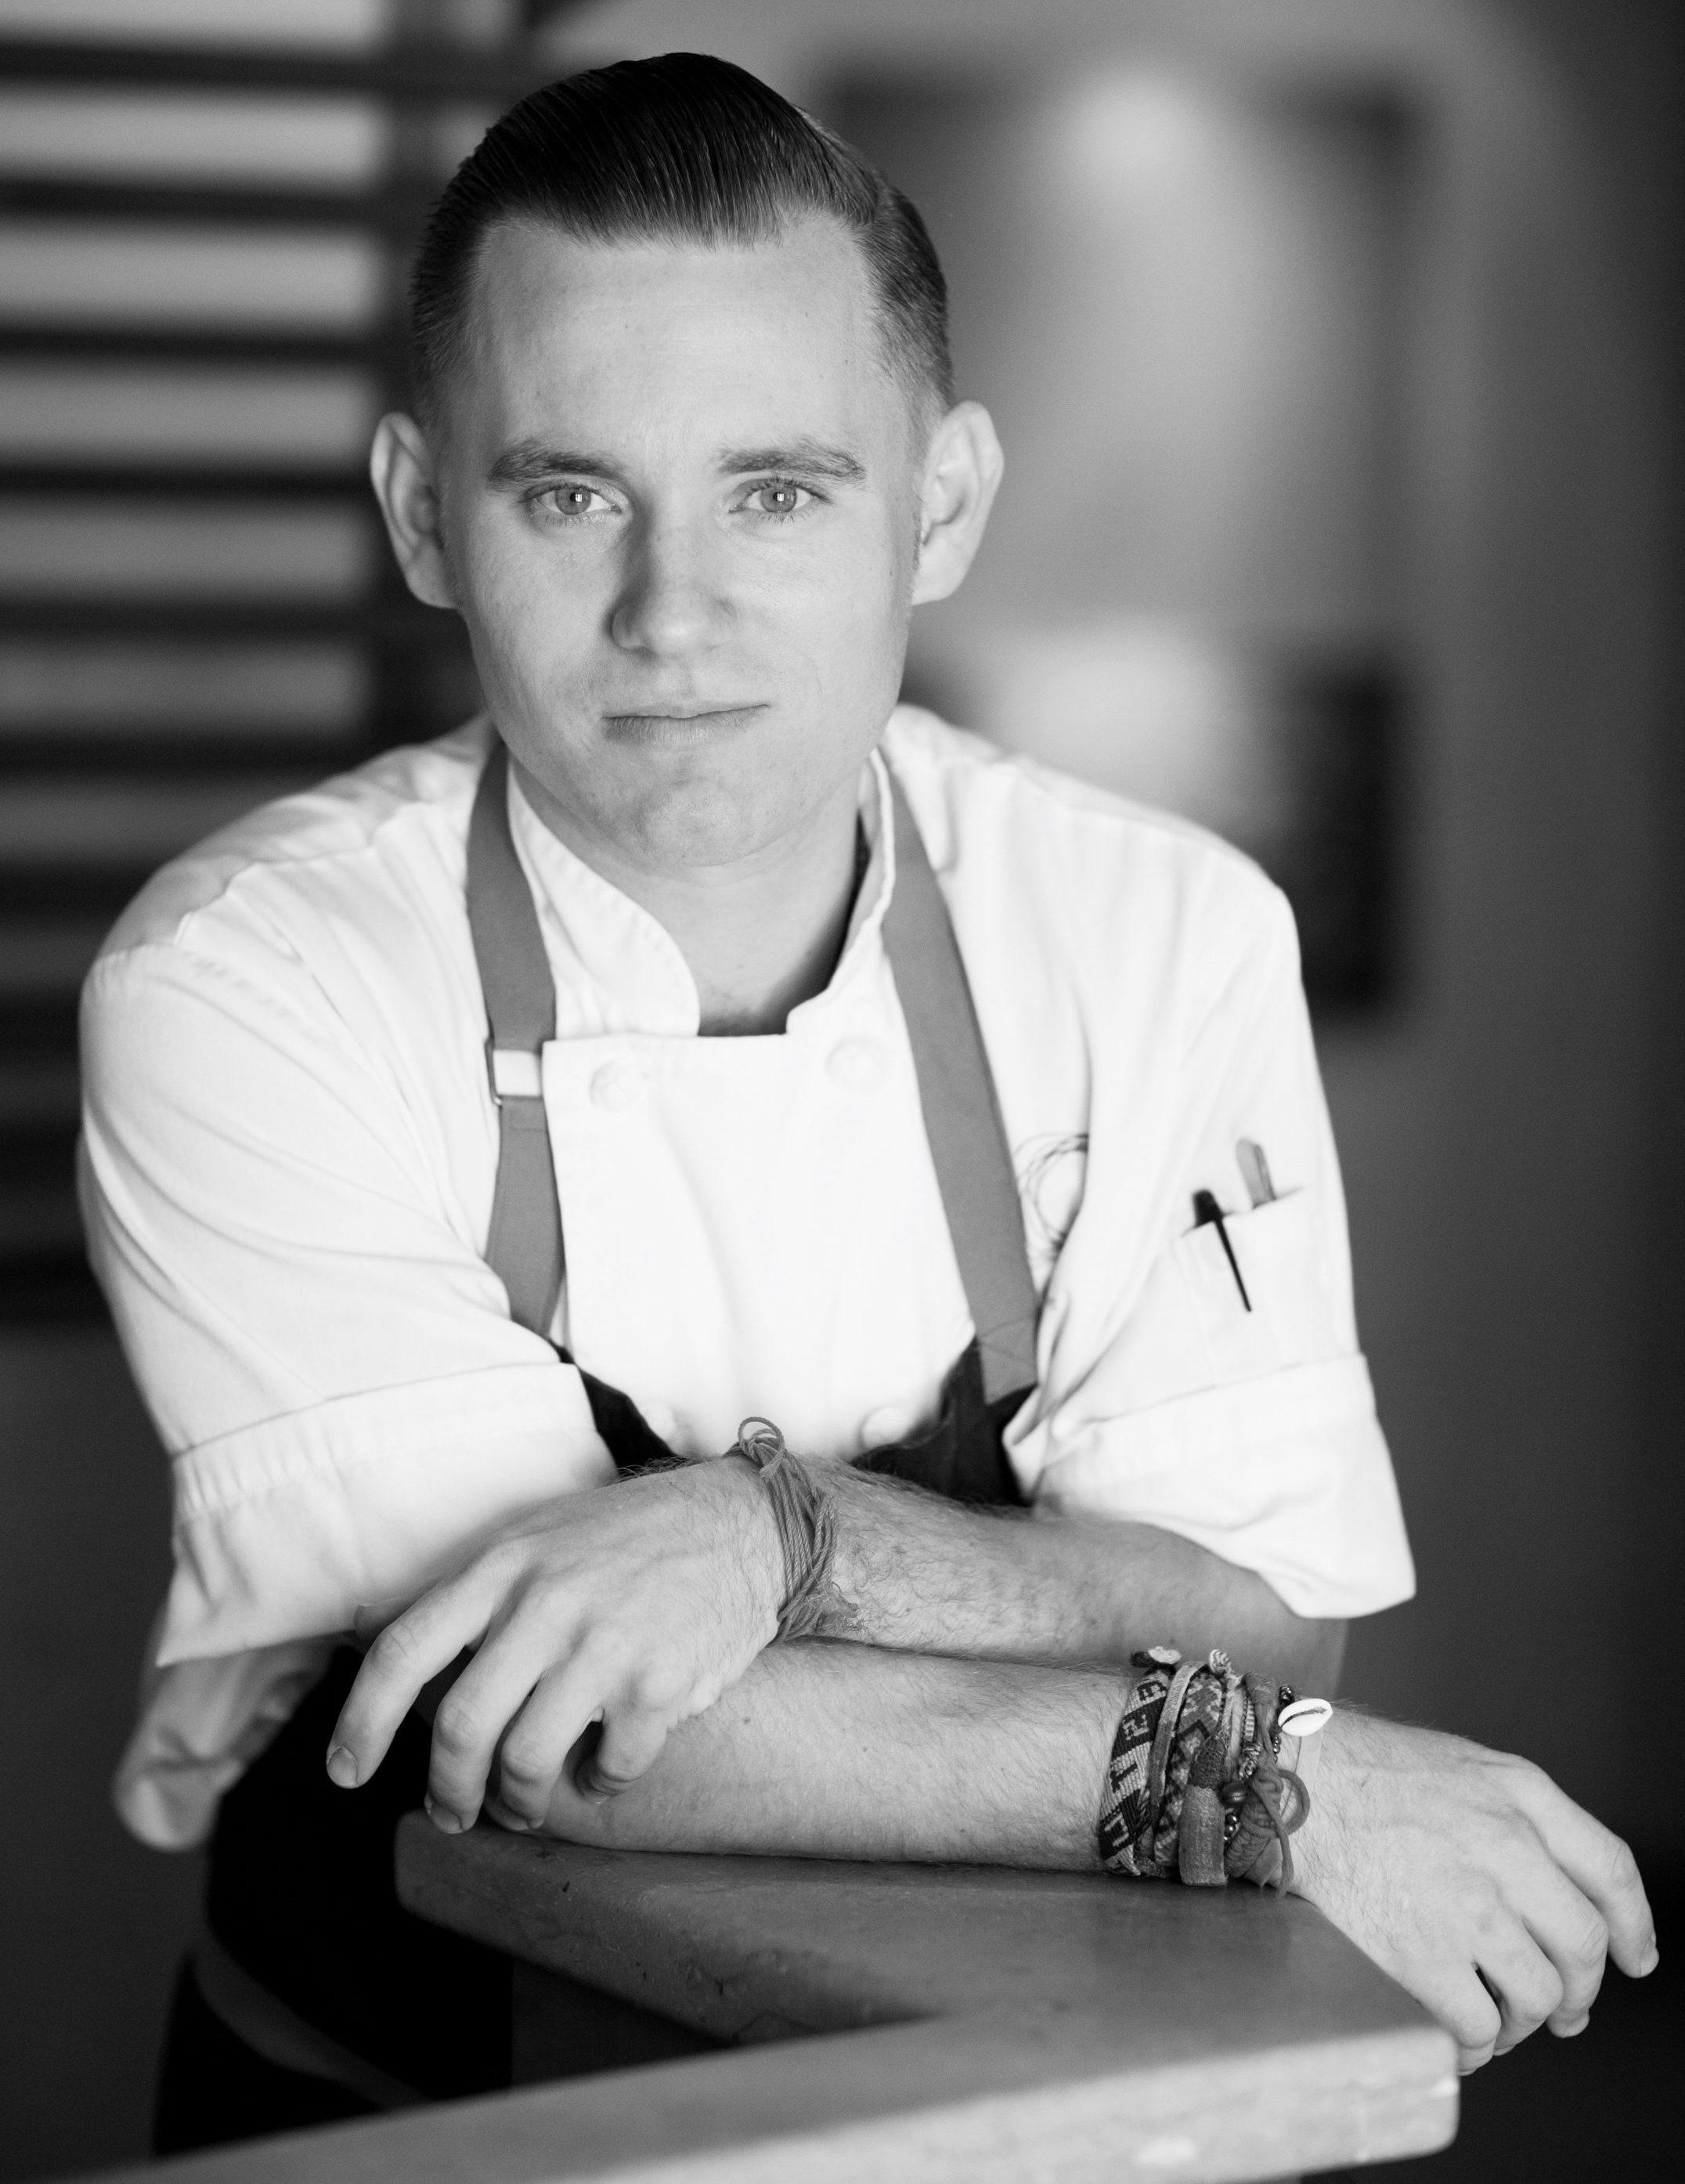 Tristan Aitchison, Chef de Cuisine